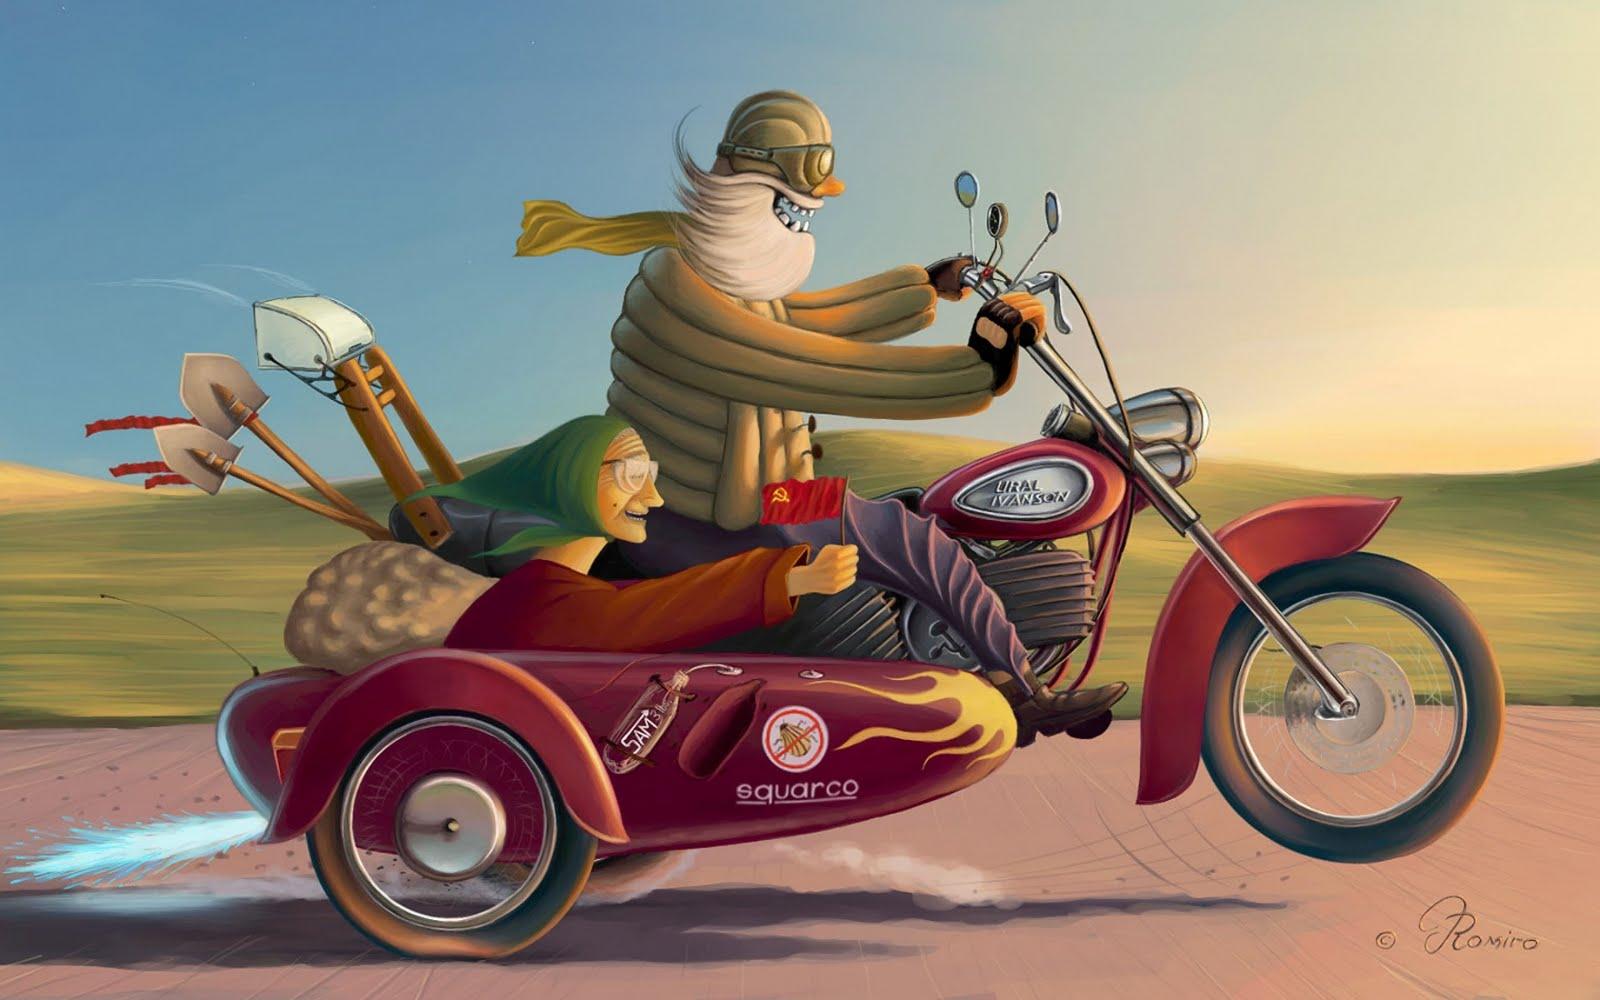 http://4.bp.blogspot.com/_qllChVOa1GY/TUWfCJDgkCI/AAAAAAAAC_w/xxdrjLepjlM/s1600/Motorcycles%2BVintage%2BPostcards.jpg